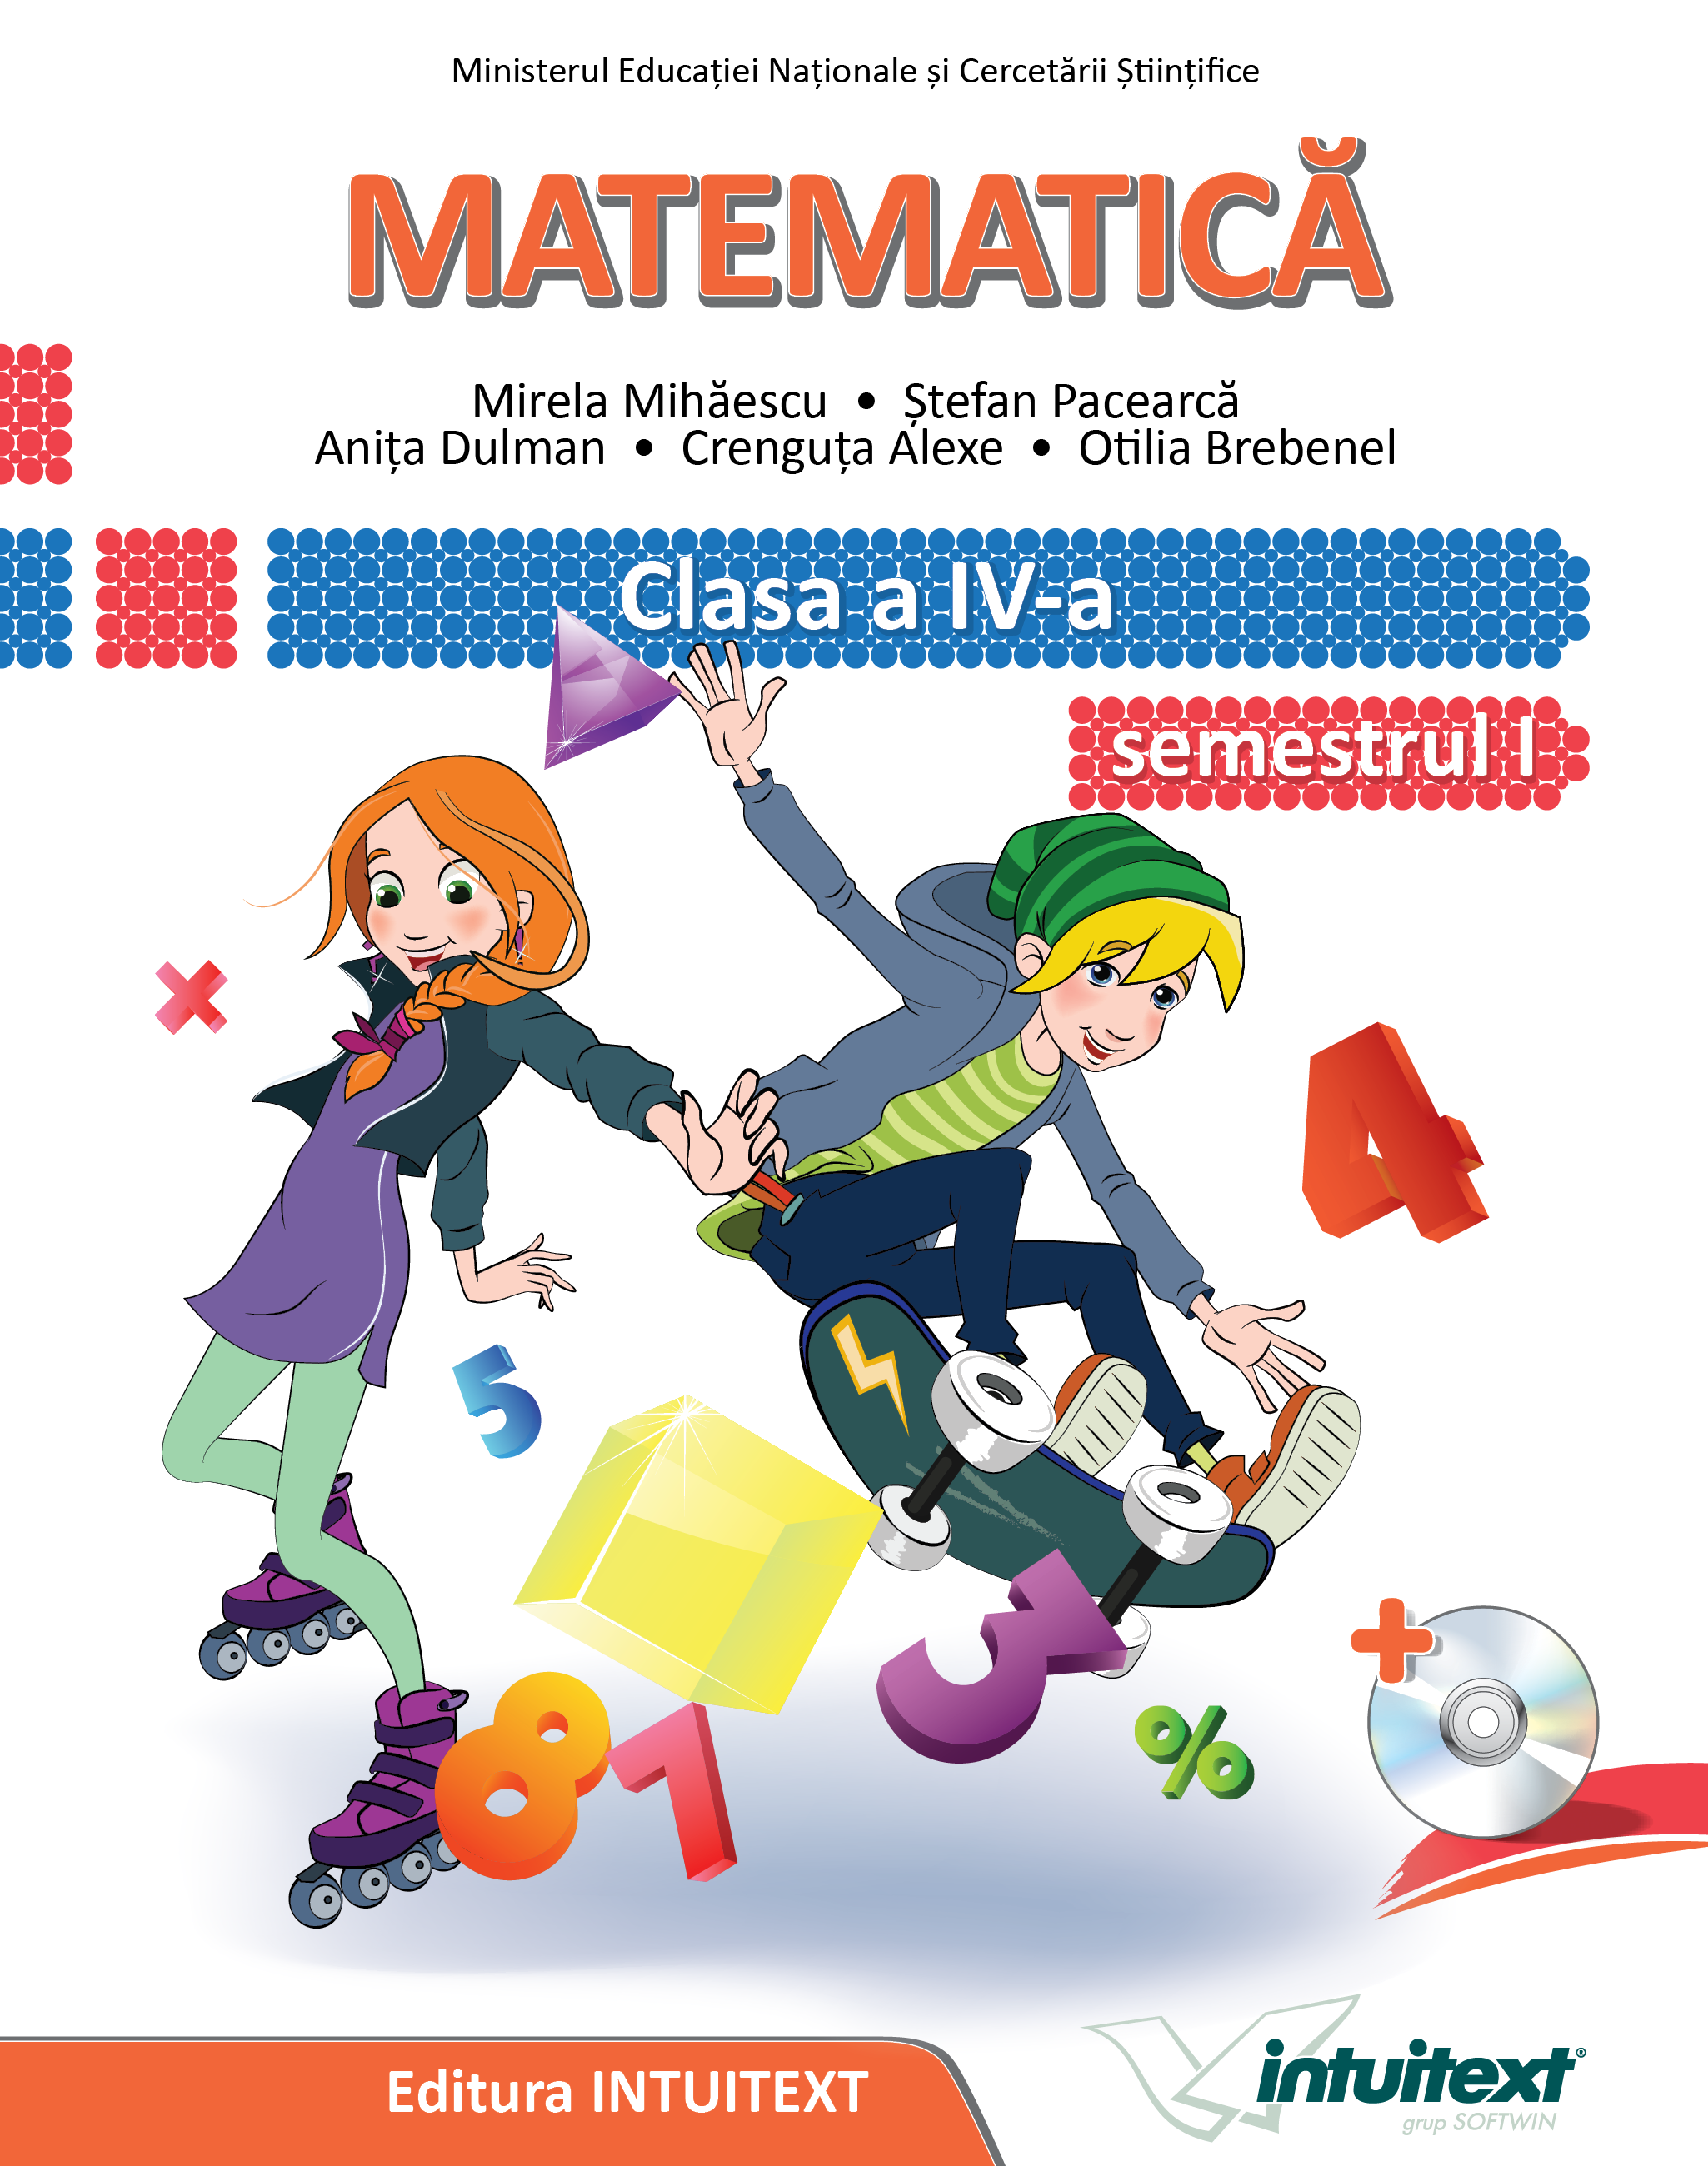 Cine vrea sa invete matematica?